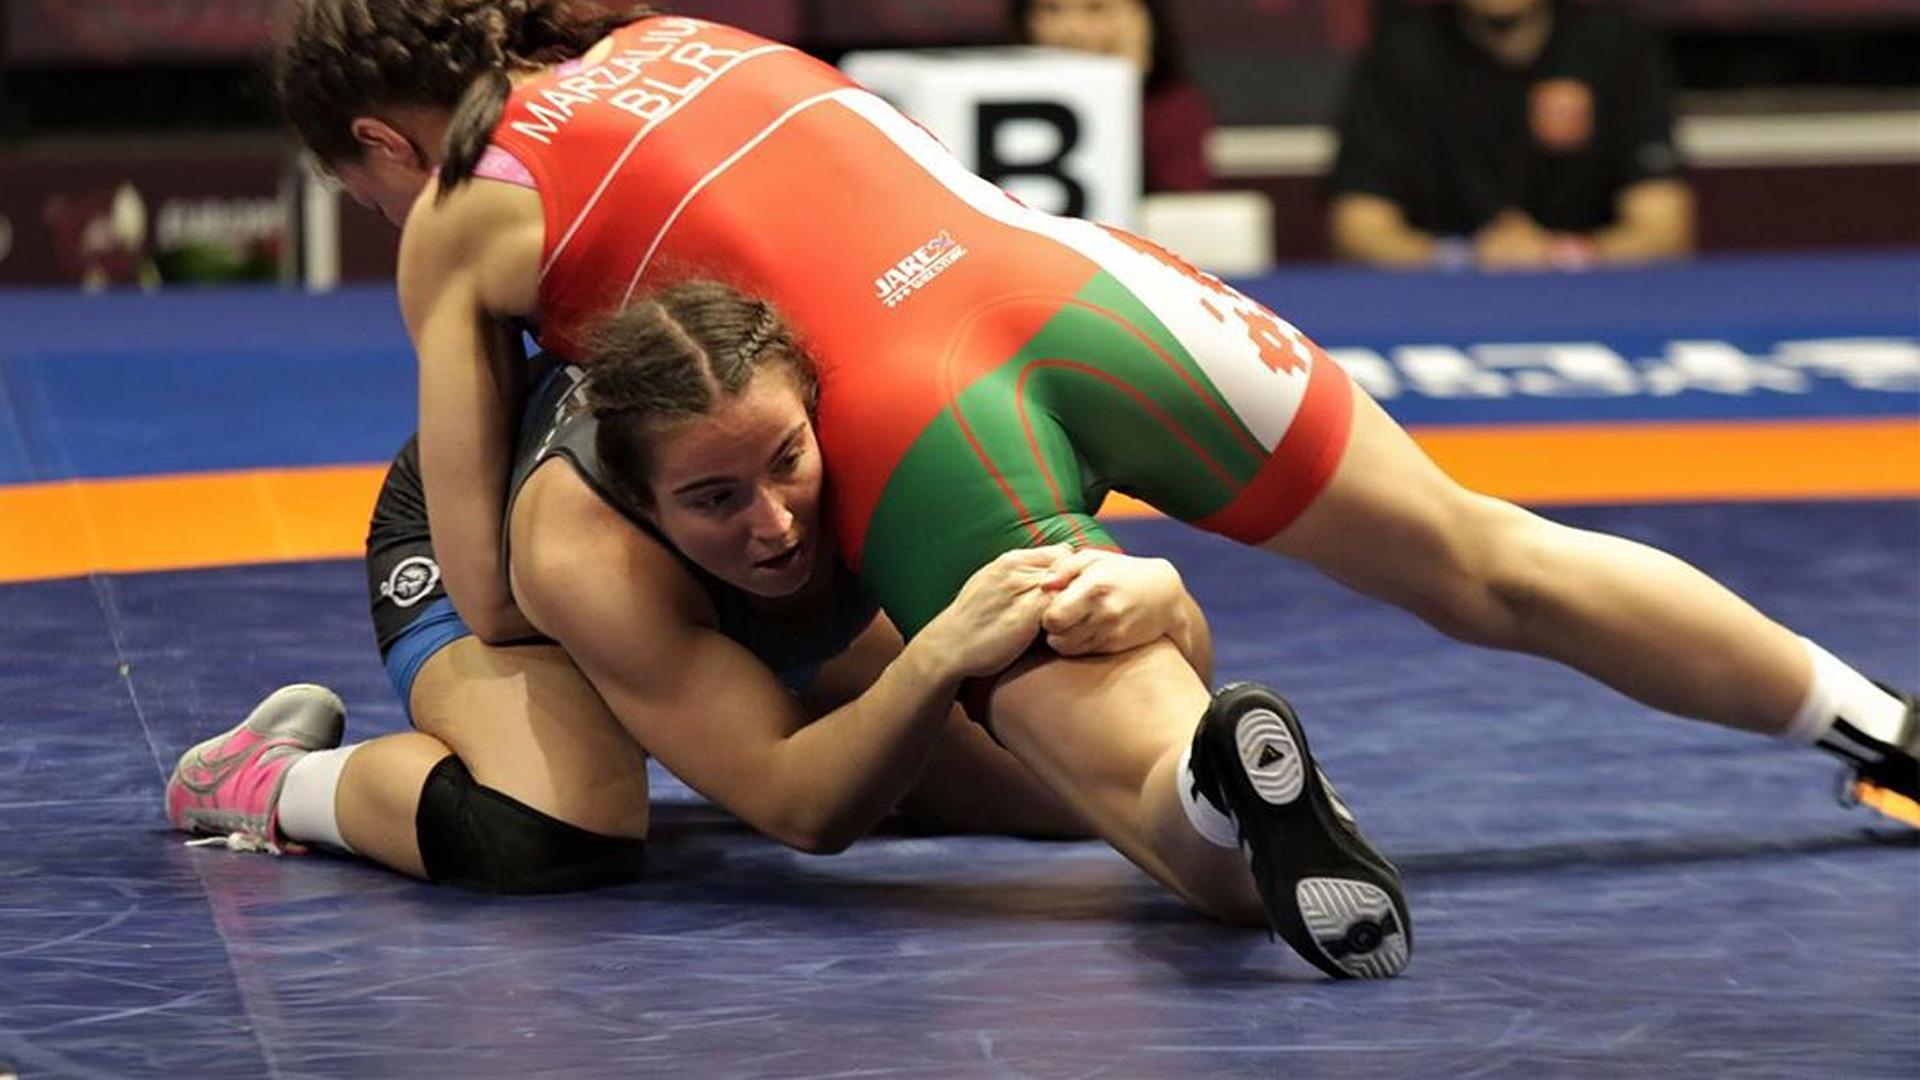 Medaillenhoffnung | Martina Kuenz gegen Vasilisa Marzaliuk | keine Medaille |